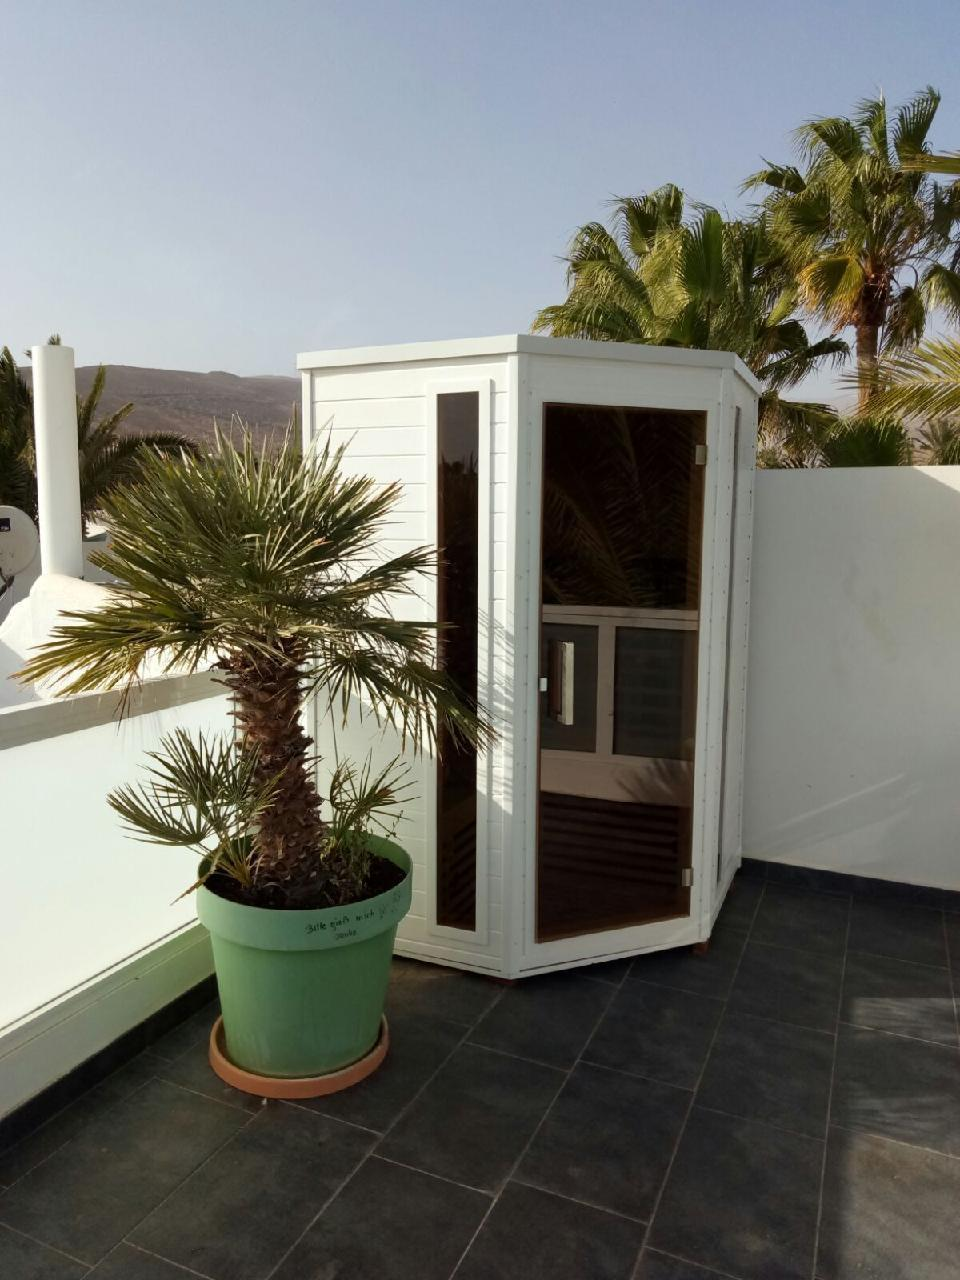 Ferienhaus Exklusiver Bungalow im Süden Fuerteventuras (2029655), Morro Jable, Fuerteventura, Kanarische Inseln, Spanien, Bild 12